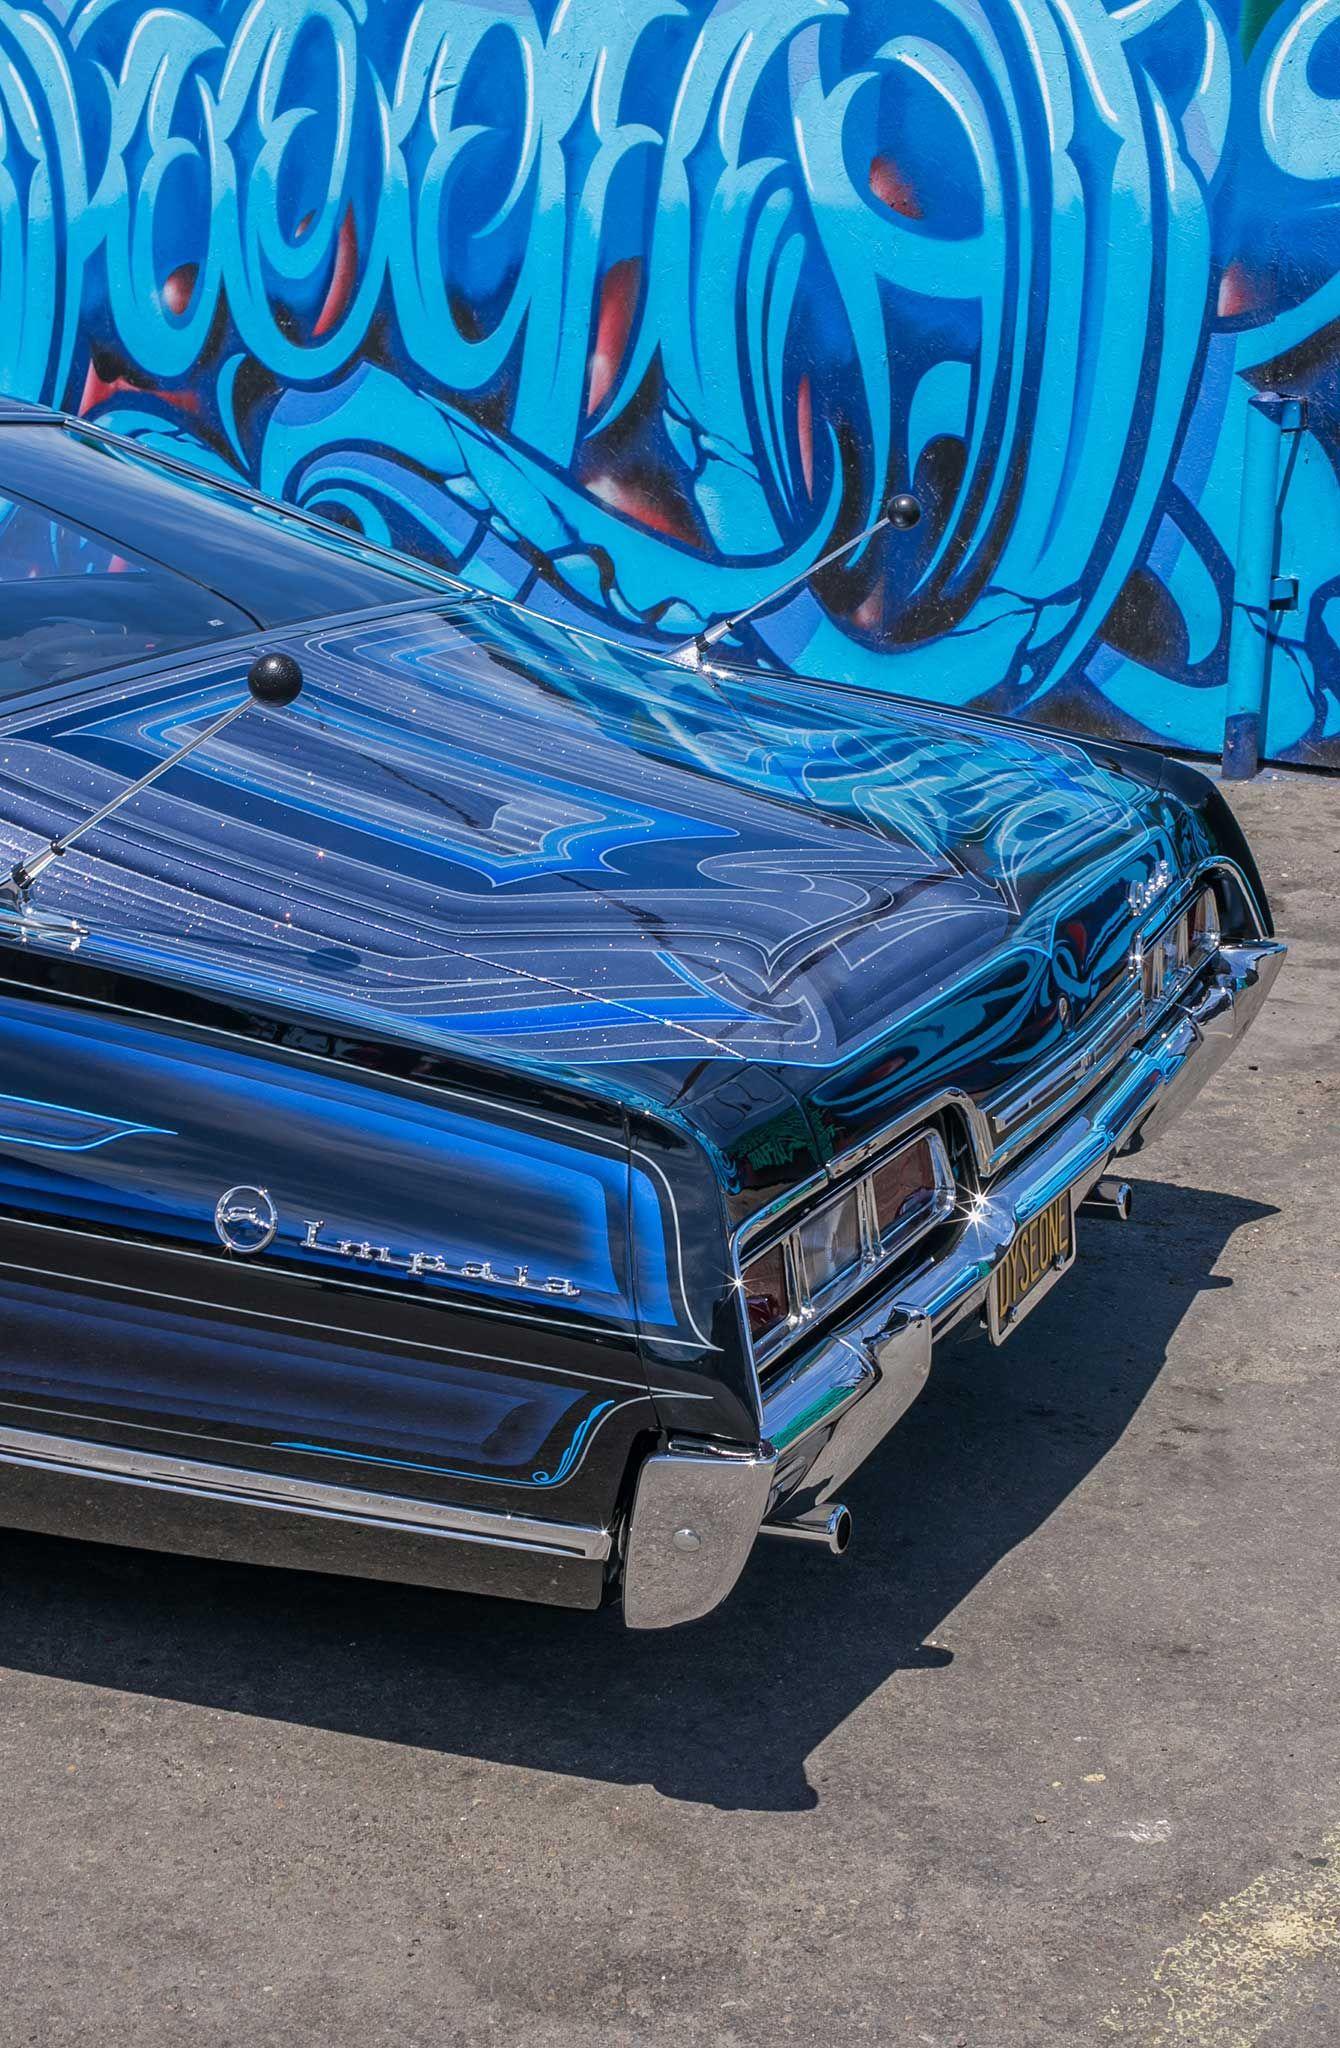 1967 Chevrolet Impala Flashback Fastback Chevrolet Impala